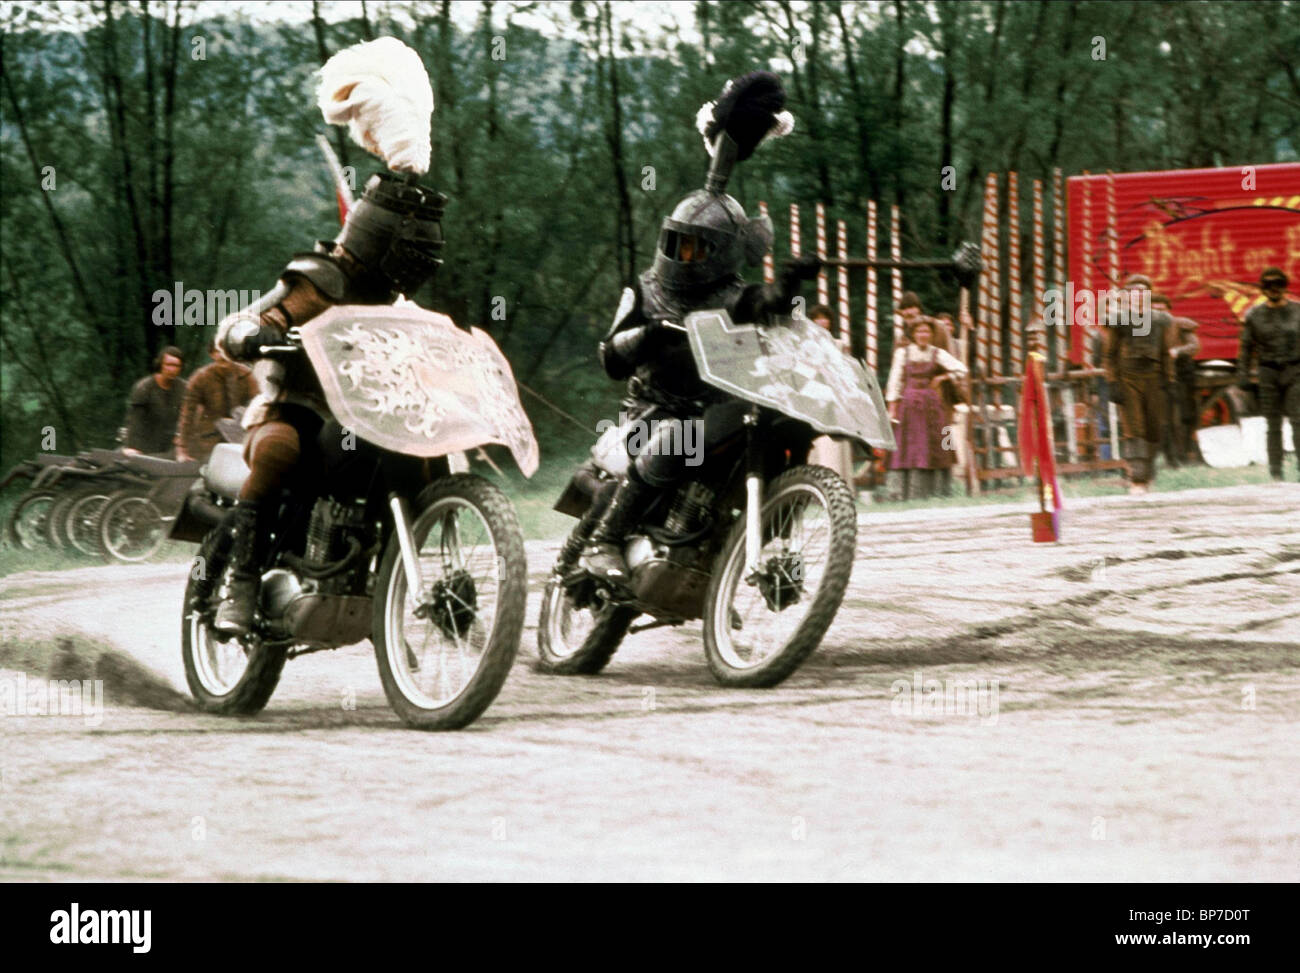 MOTORRAD DUELL KNIGHTRIDERS (1981) Stockbild